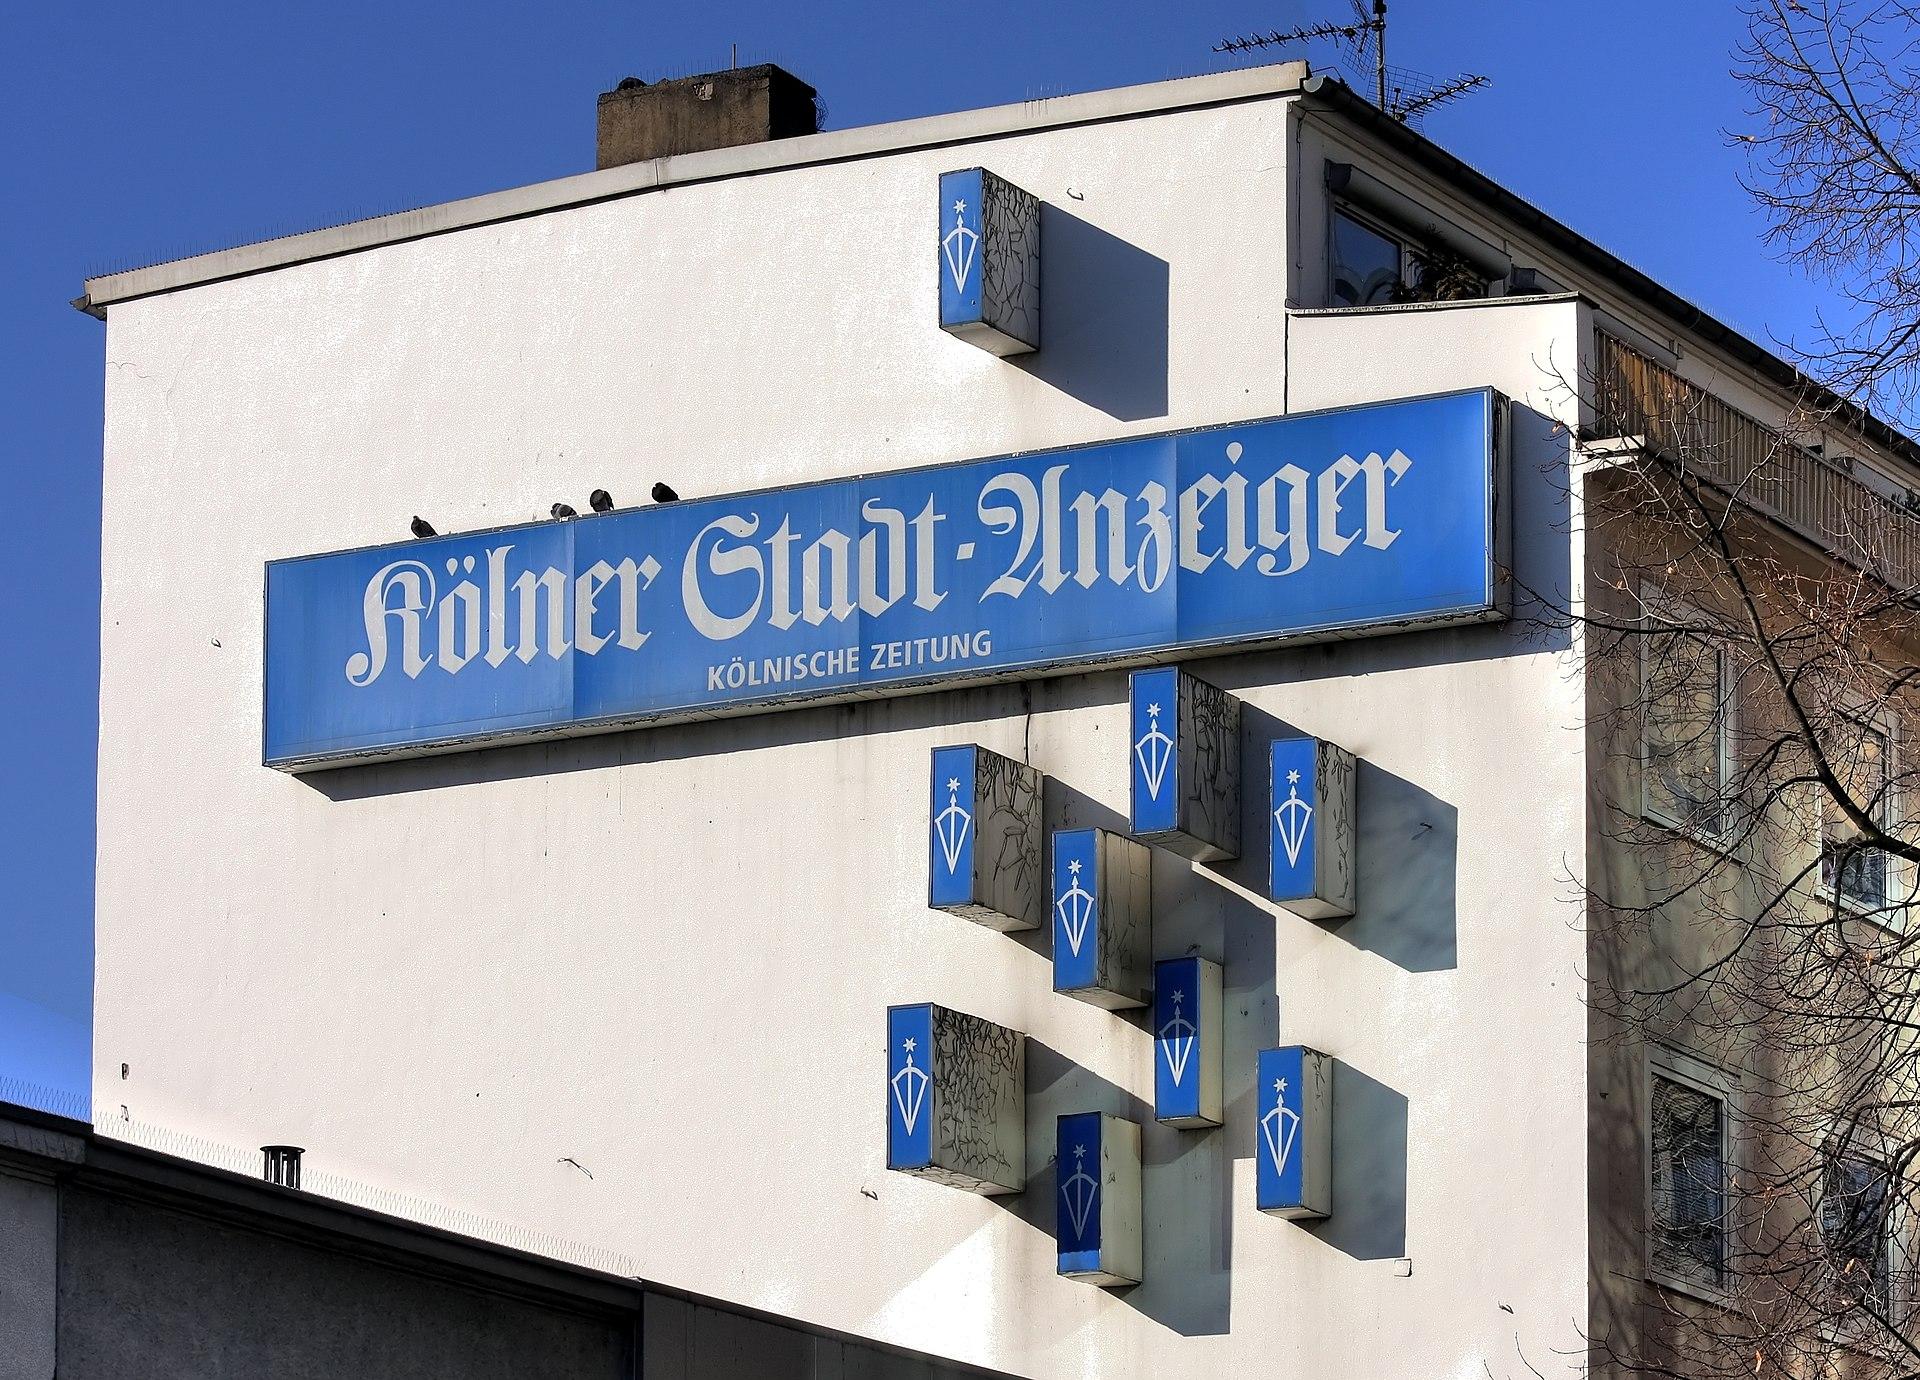 Kölner stadtanzeiger er sucht sie